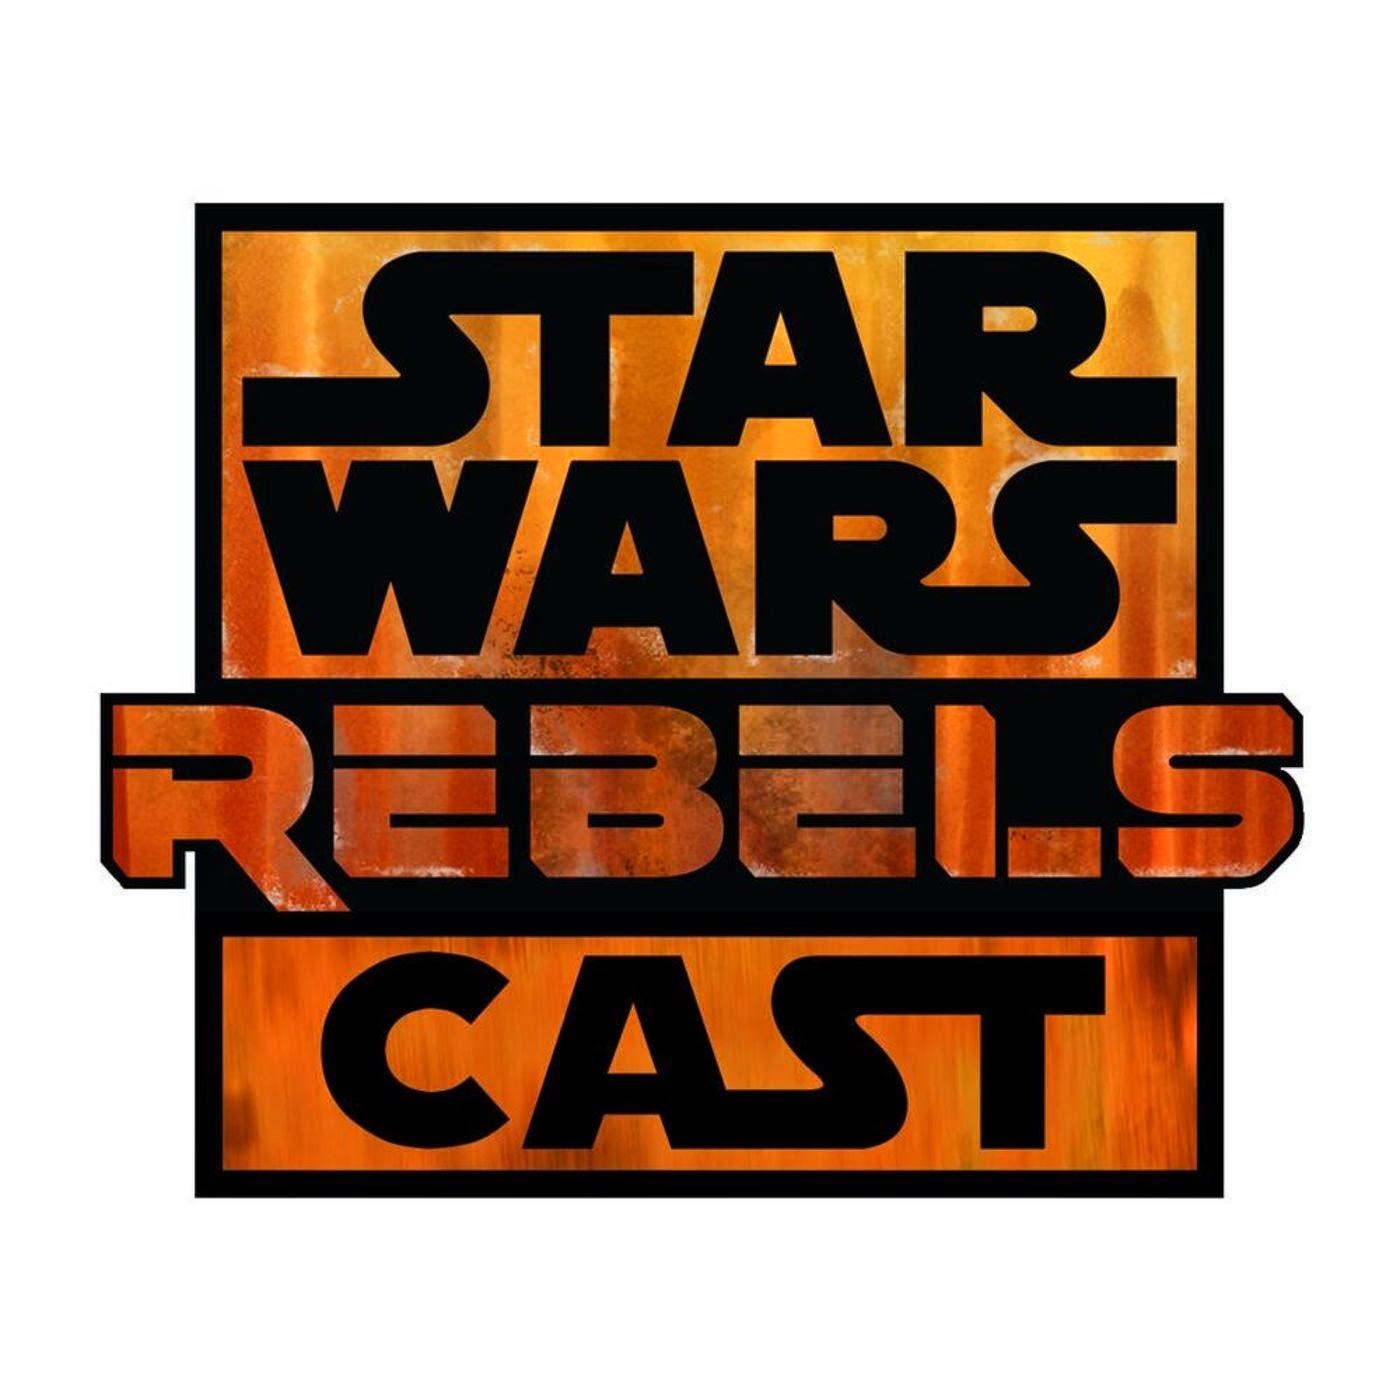 Star Wars RebelsCast UK